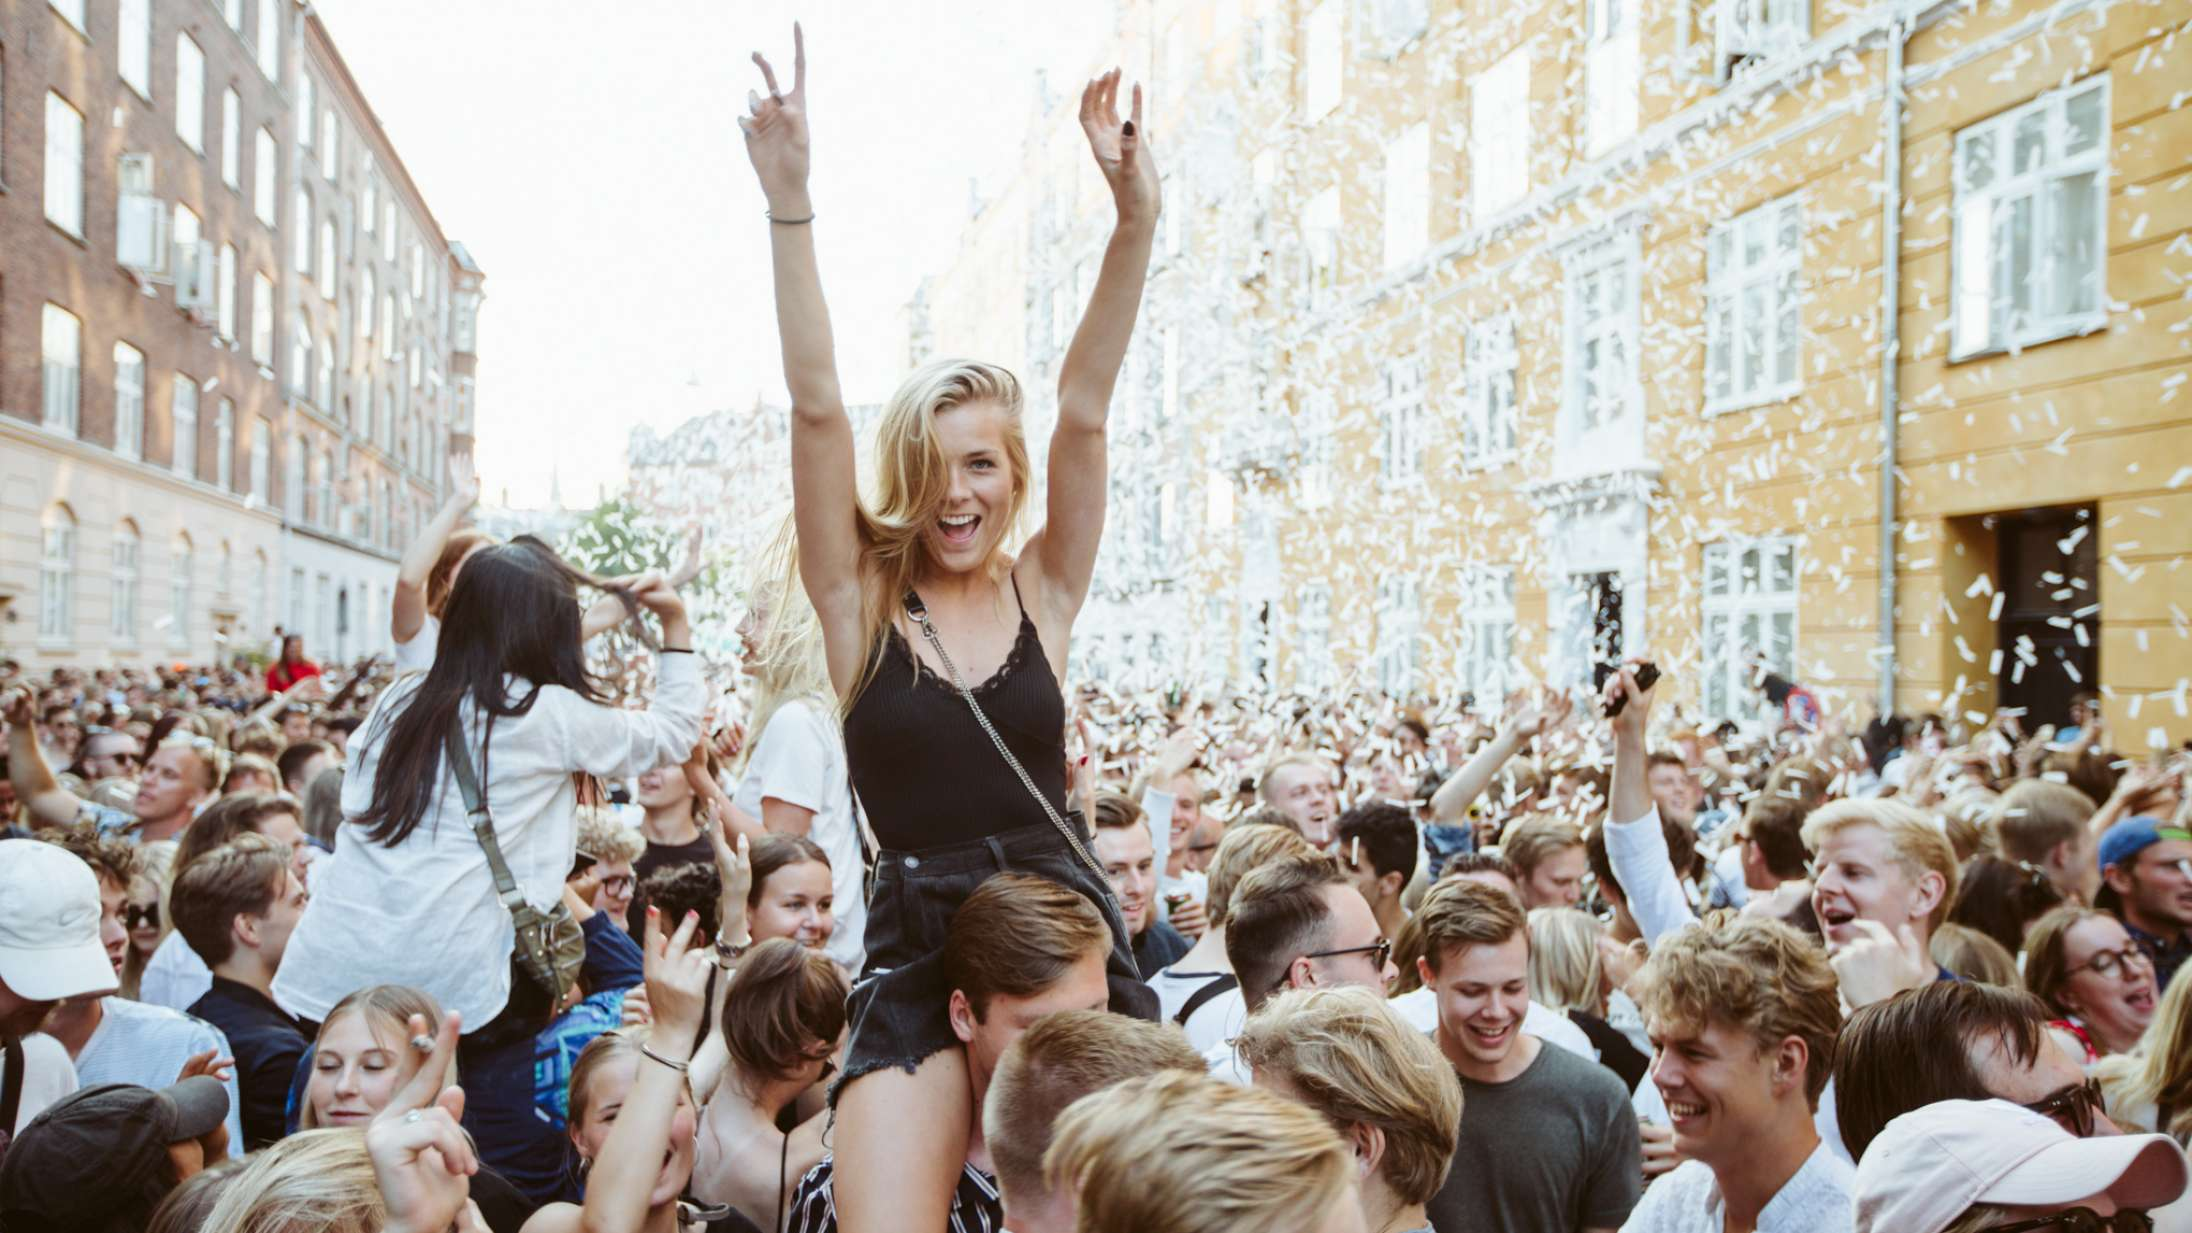 Distortion annoncerer store ændringer i gadefesterne: De store musikscener rykkes til lukkede betalingszoner